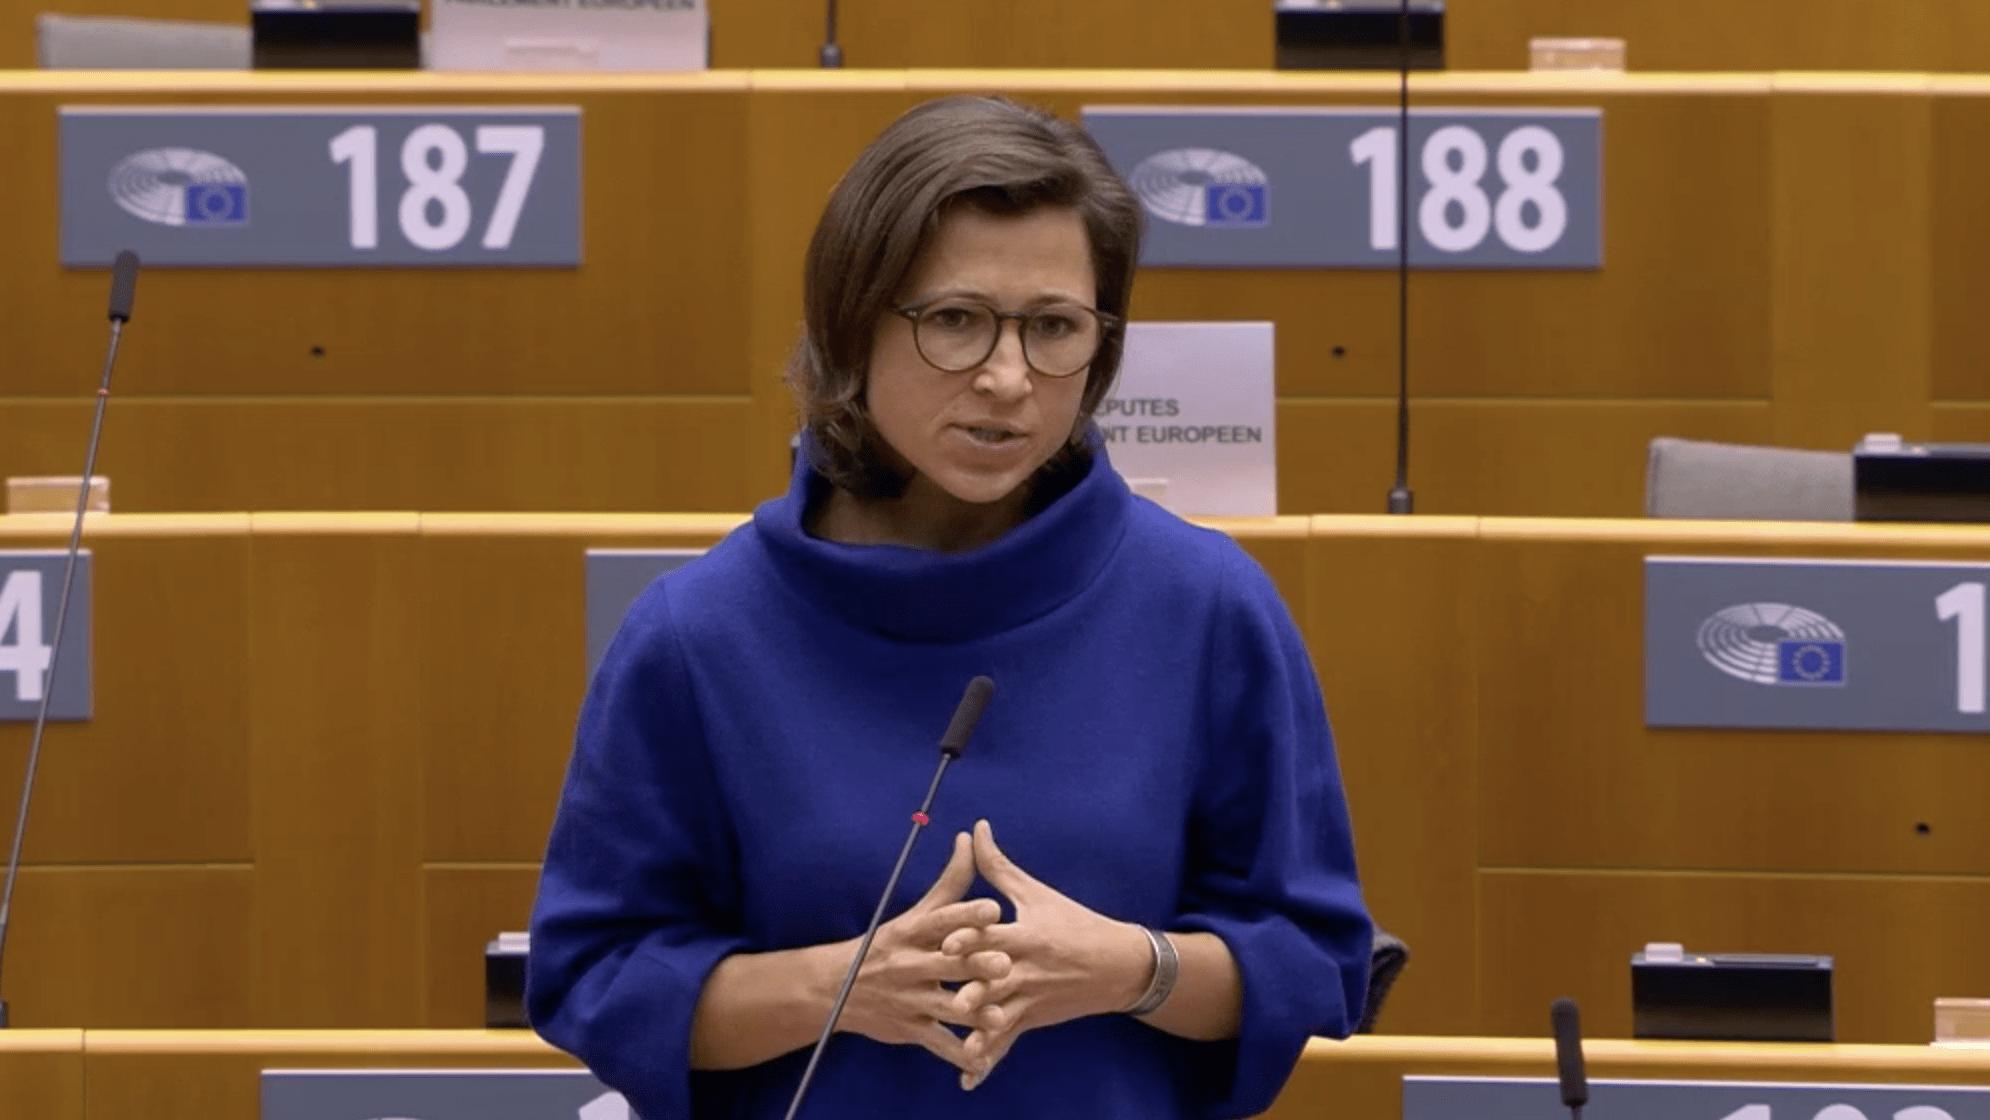 Meine Plenarrede zu Straflosigkeit für Verbrechen gegen Journalist*innen